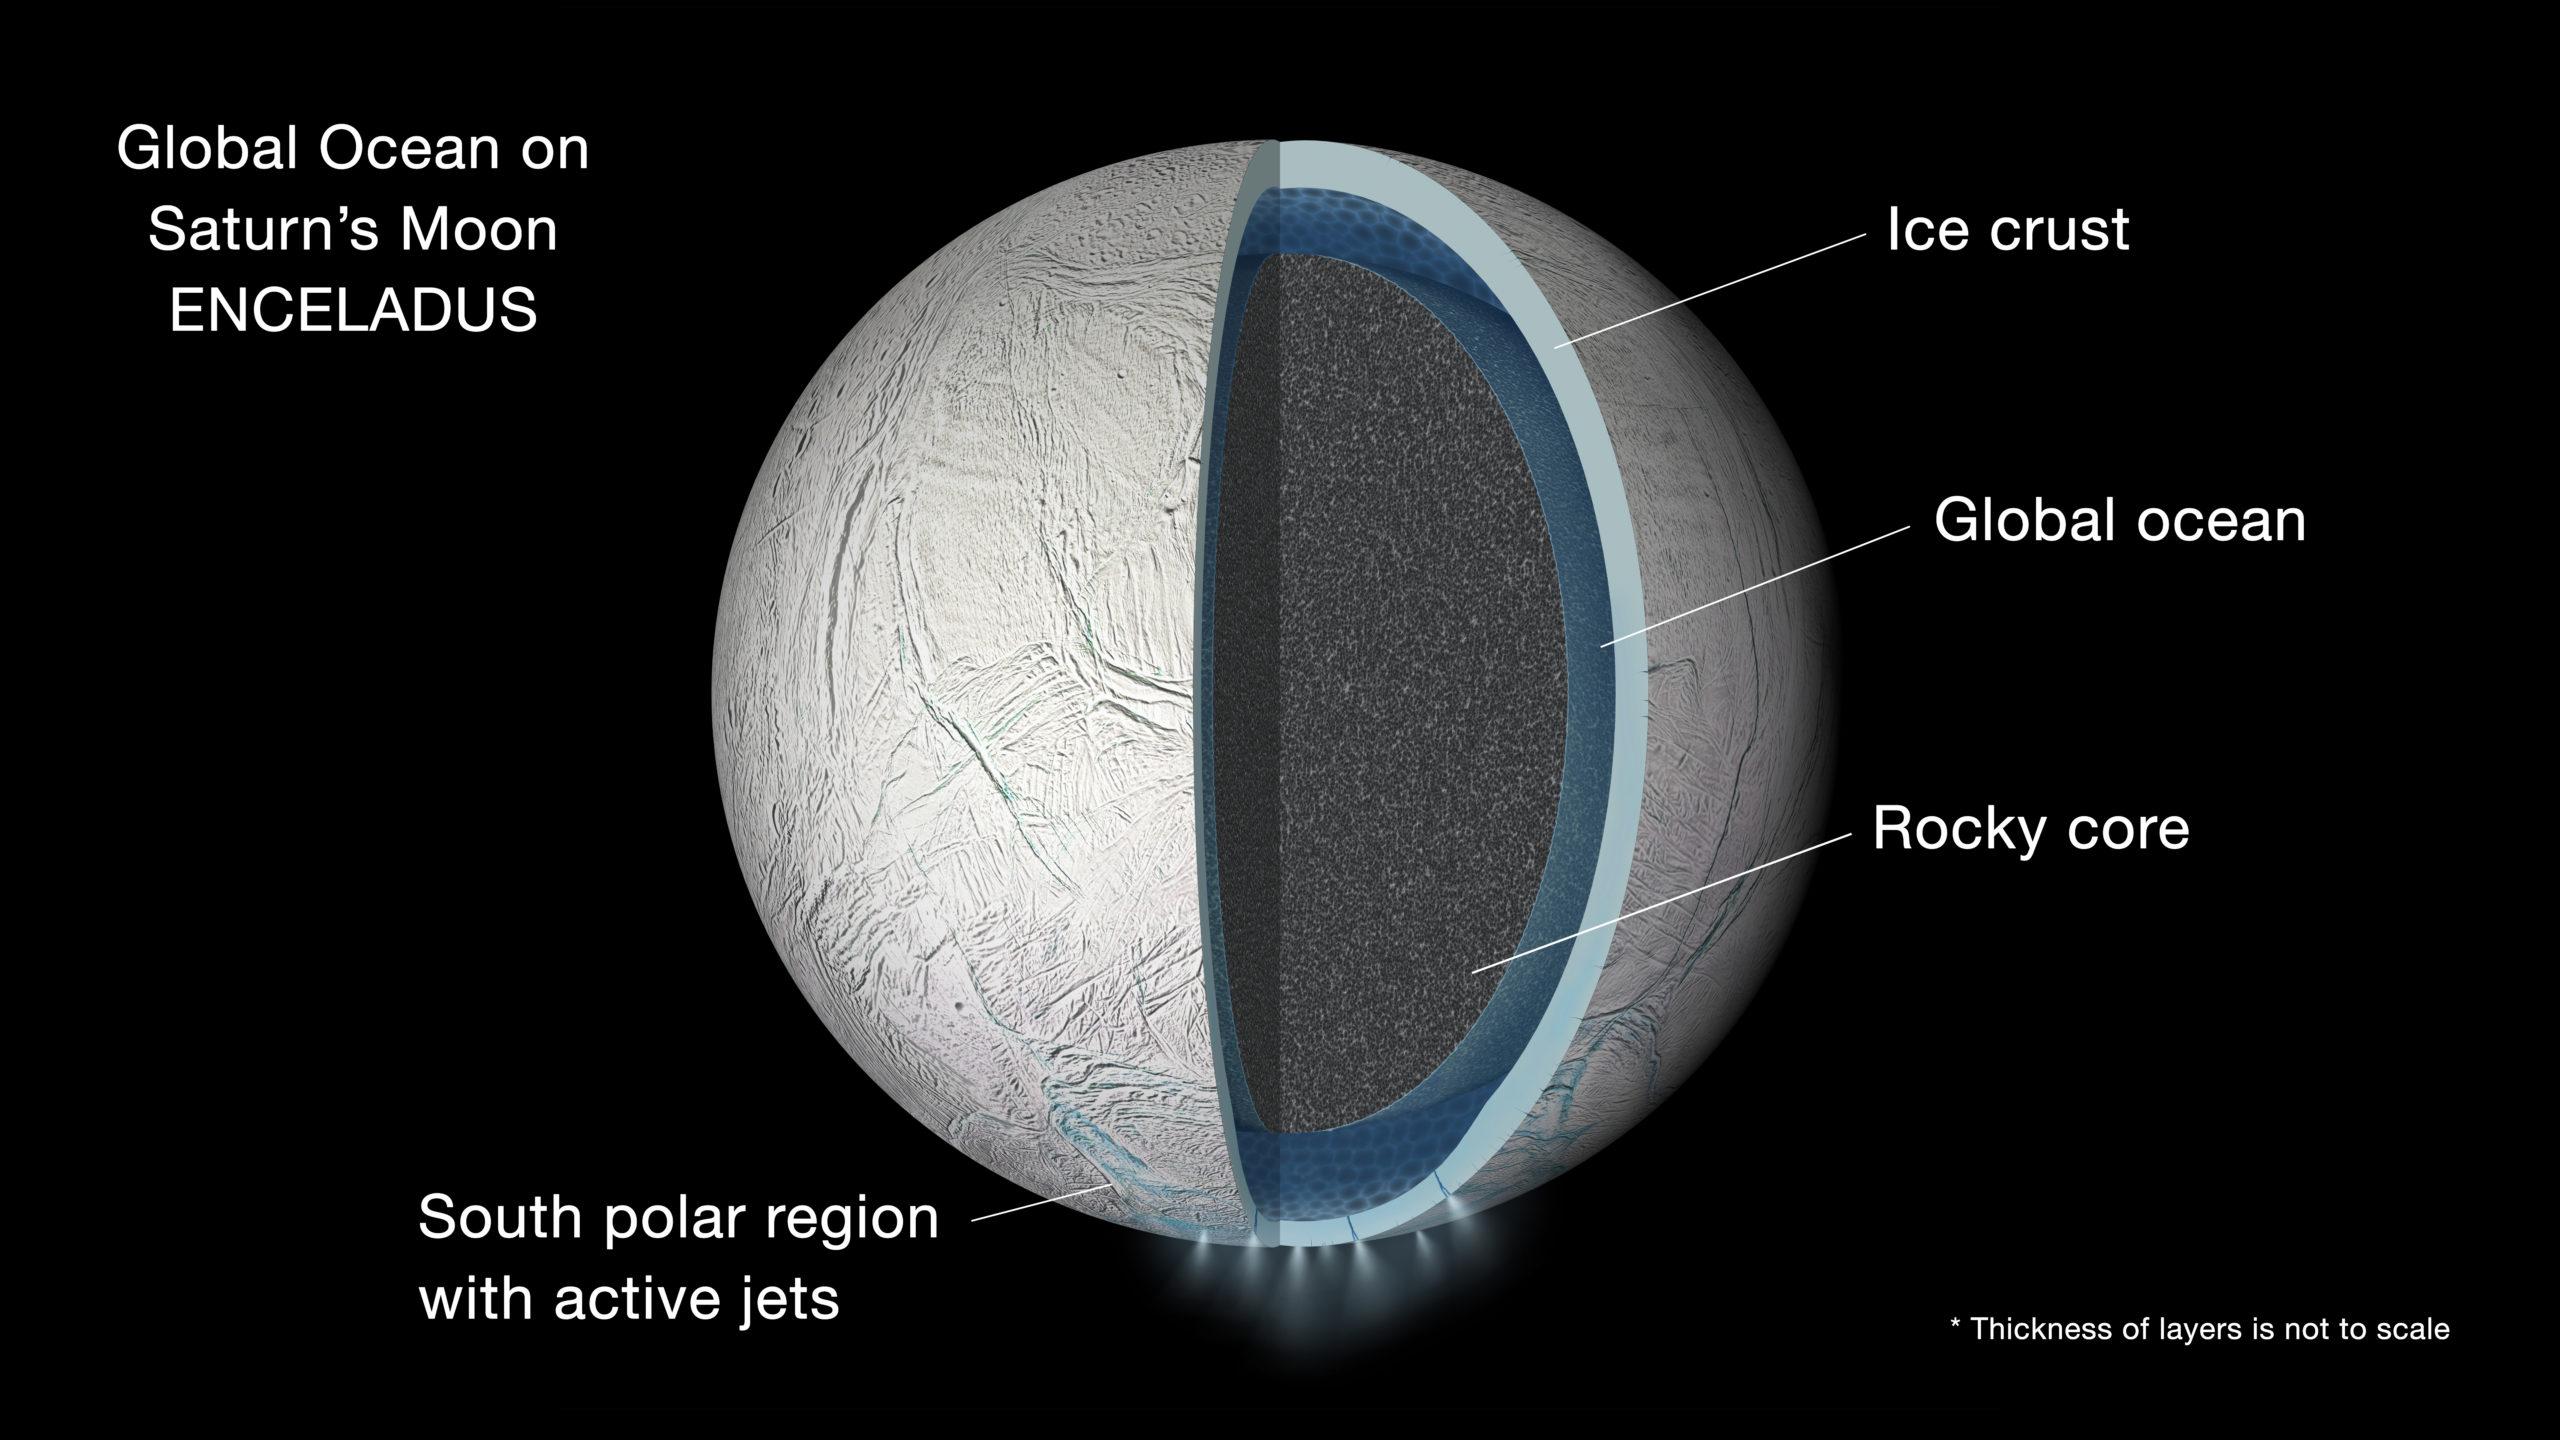 Ilustração da composição da lua Encélado, de Saturno. Crédito: NASA/JPL-Caltech